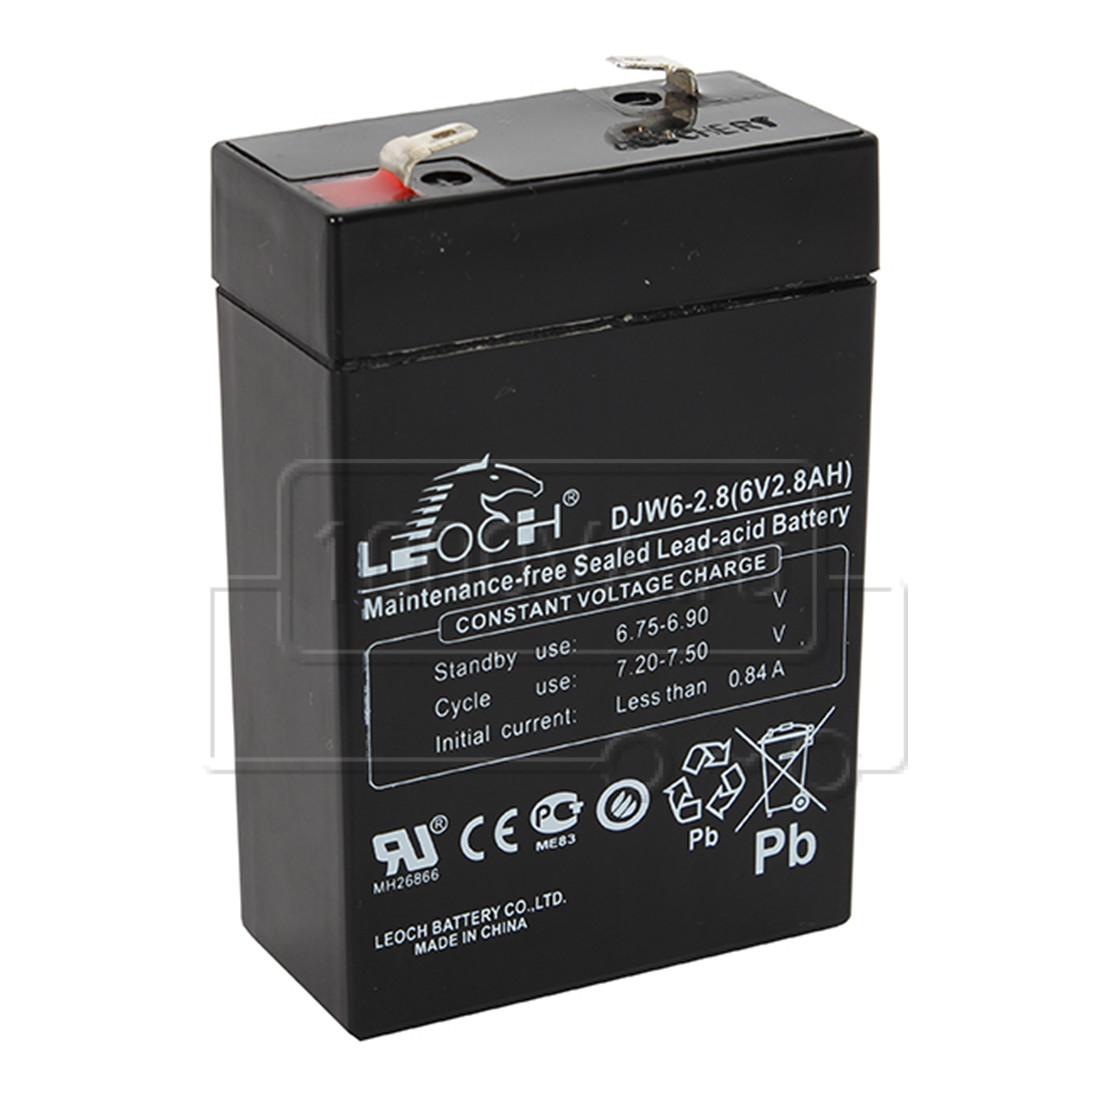 Аккумулятор LEOCH DJW6-2.8 по